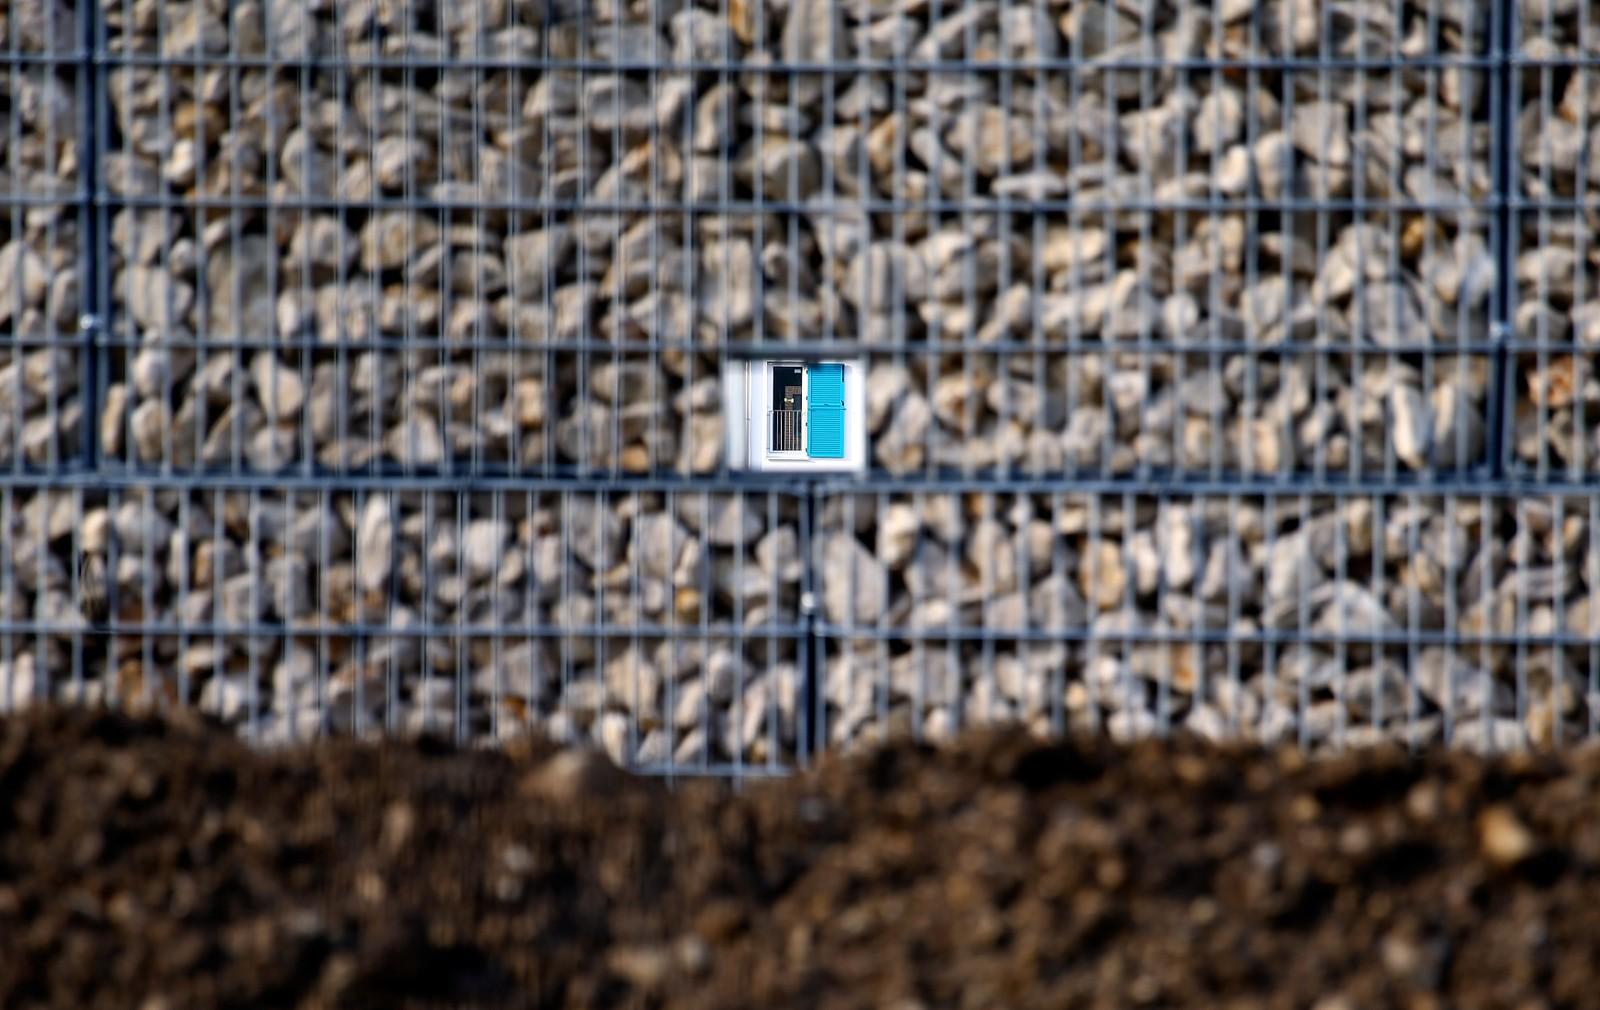 Et vindu ved et asylmottak sett gjennom et hull i et steingjerde utenfor München i Tyskland. Den fire meter høye muren er satt opp for å holde asylsøkerne adskilt fra øvrige beboere i nabolaget.